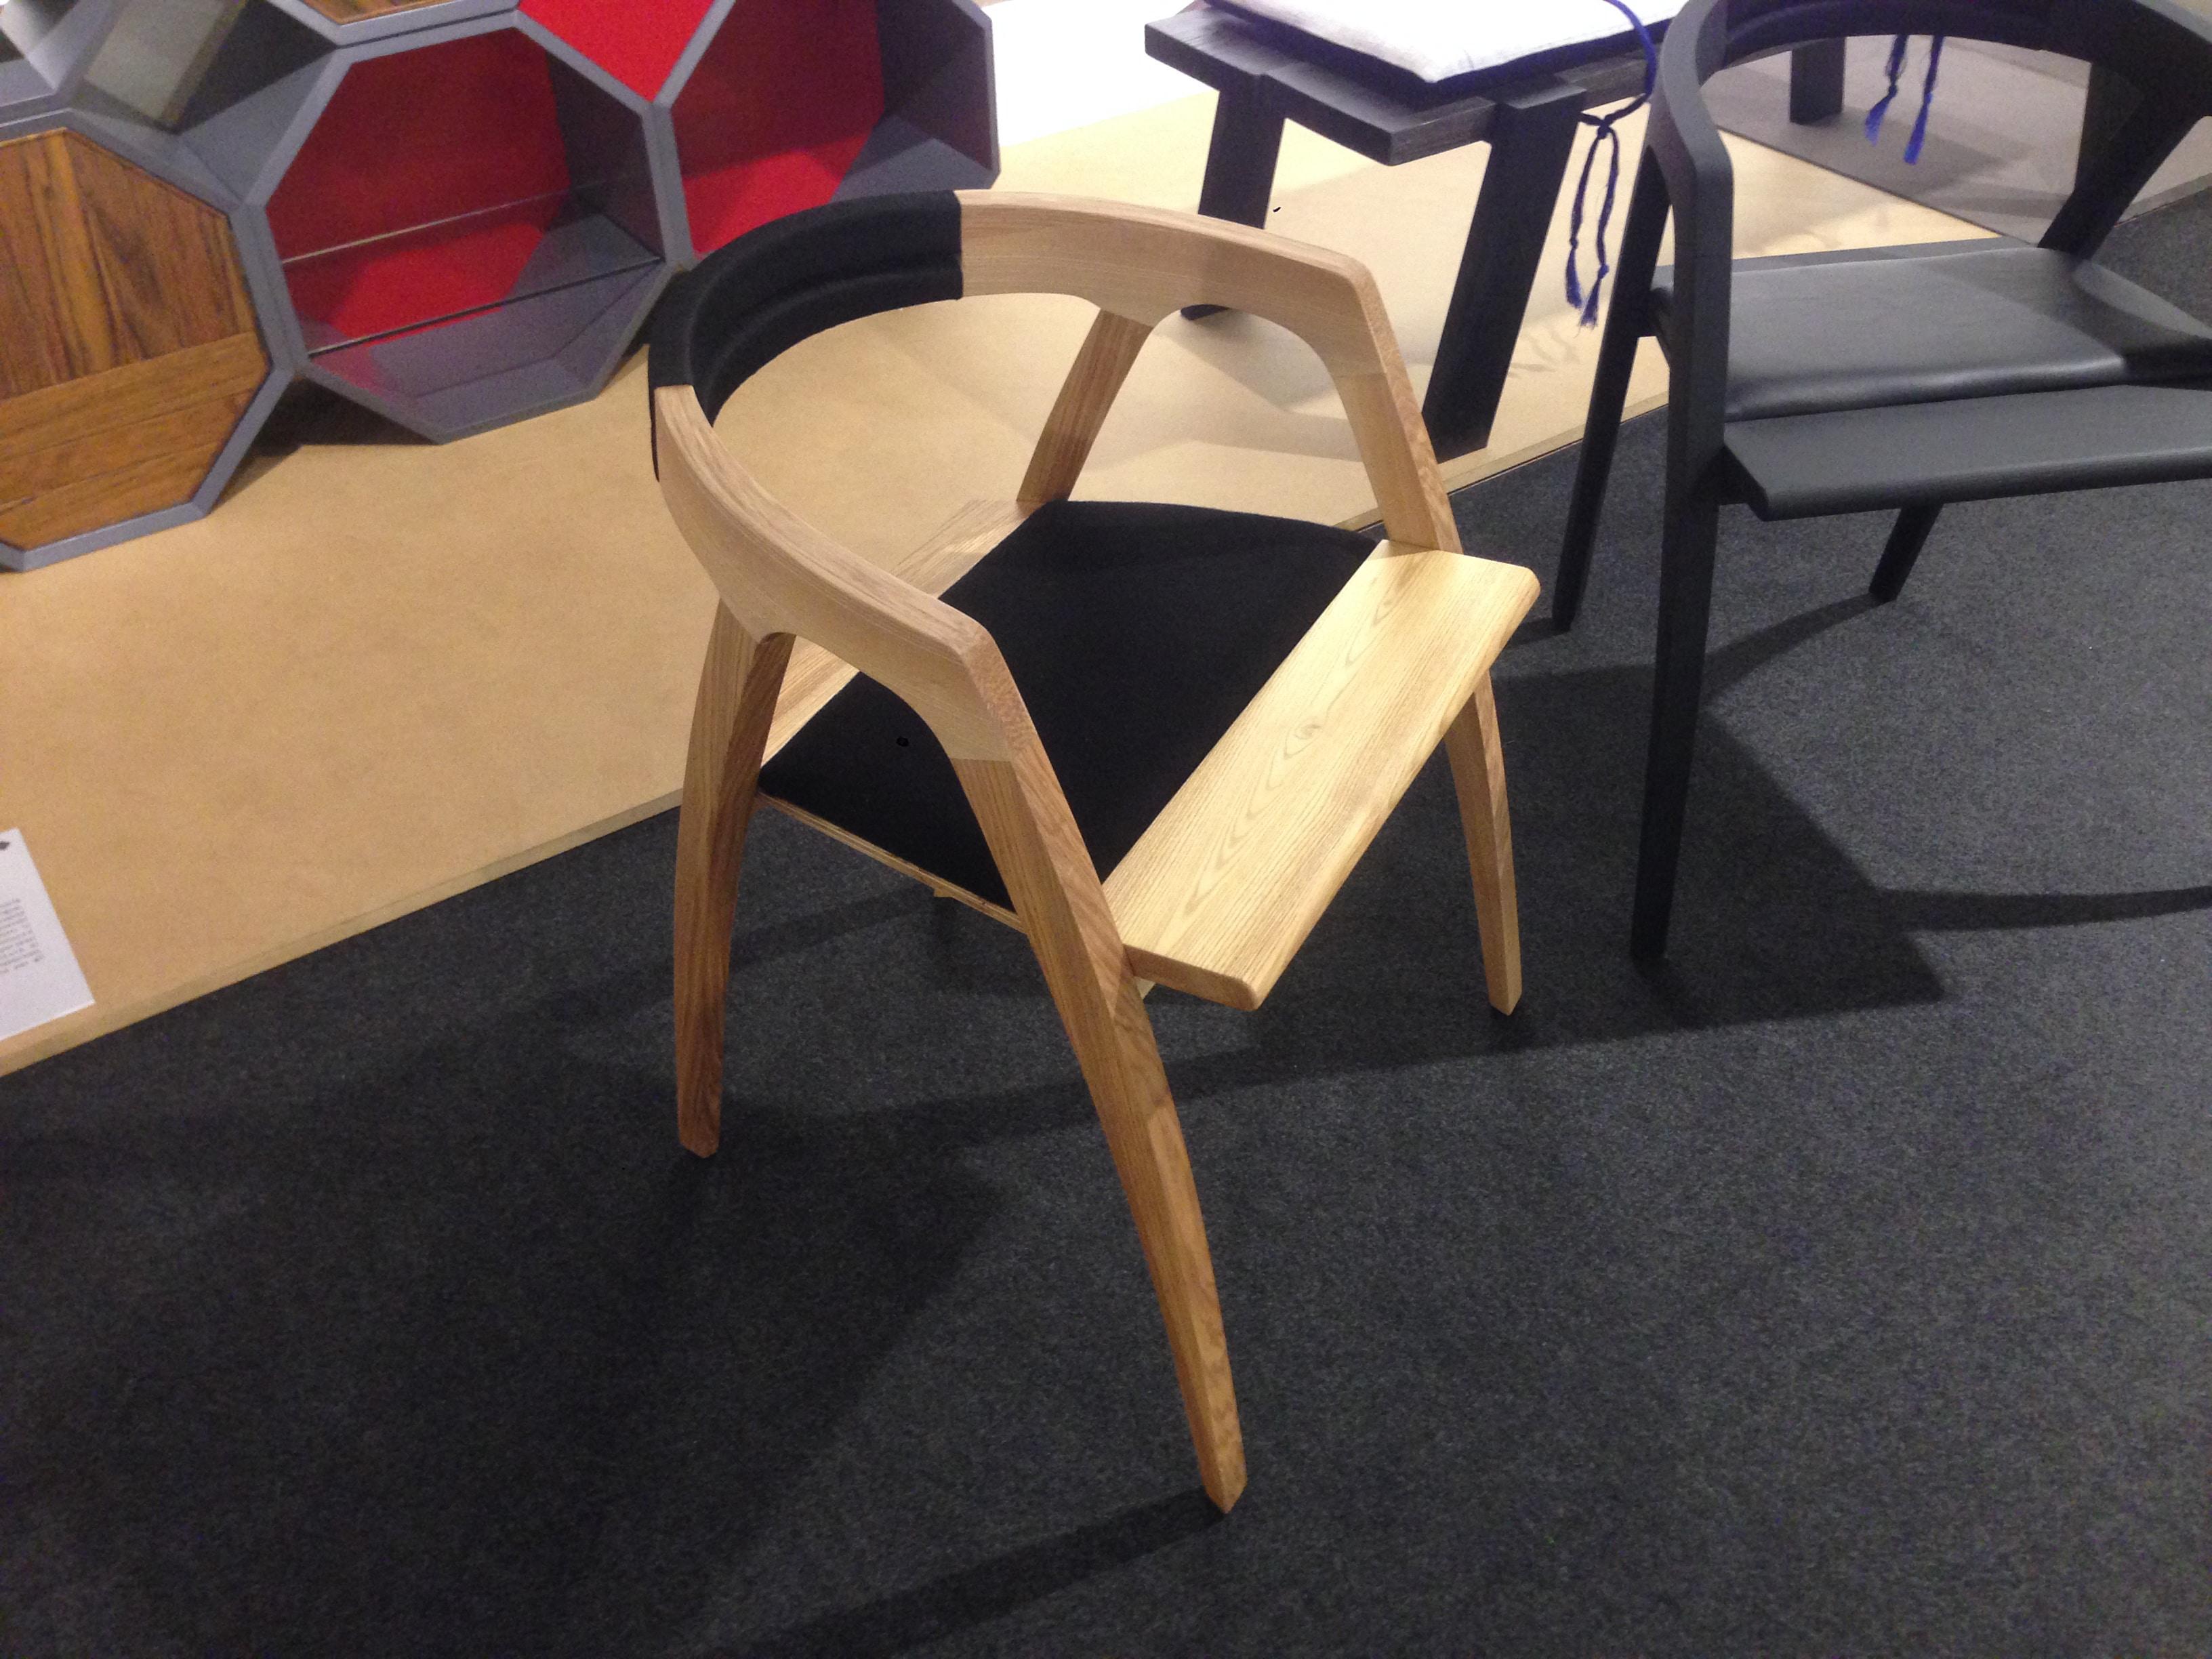 Sedia in legno curvato frassino con verniciatura al naturale. Progetto: architetto Roberto Virdis